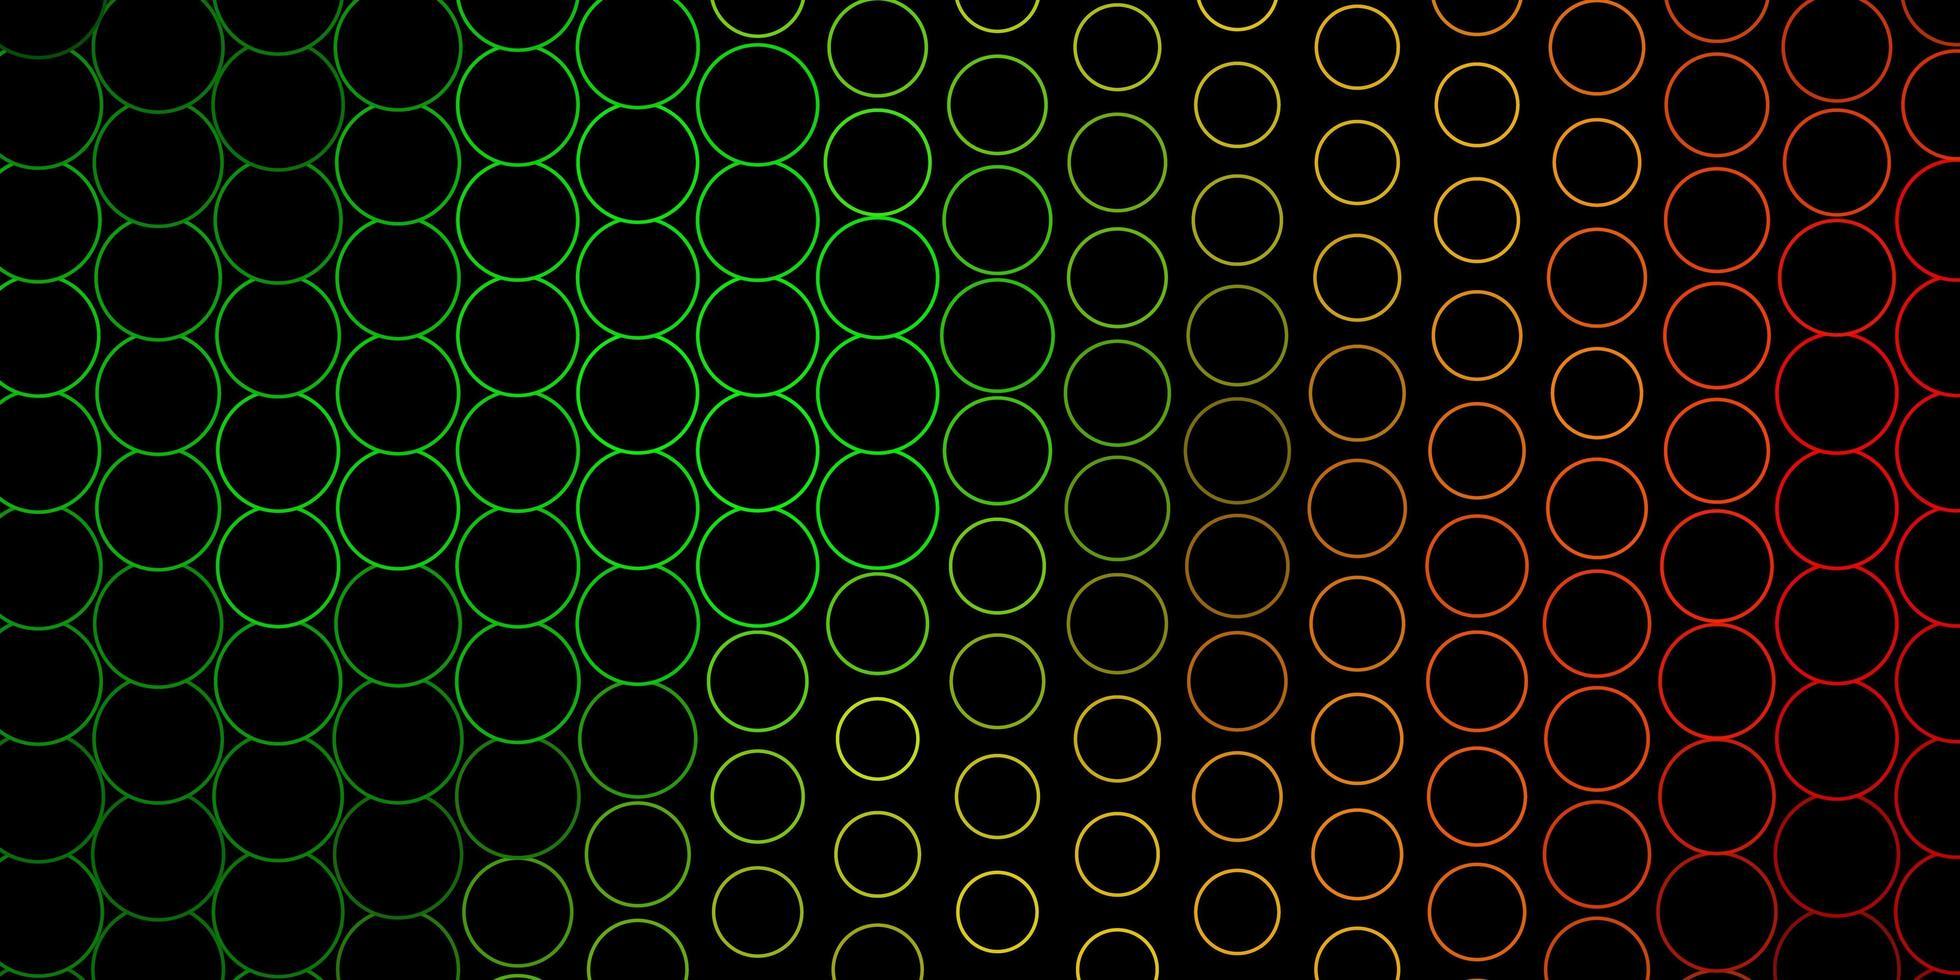 pano de fundo vector verde e amarelo escuro com pontos.